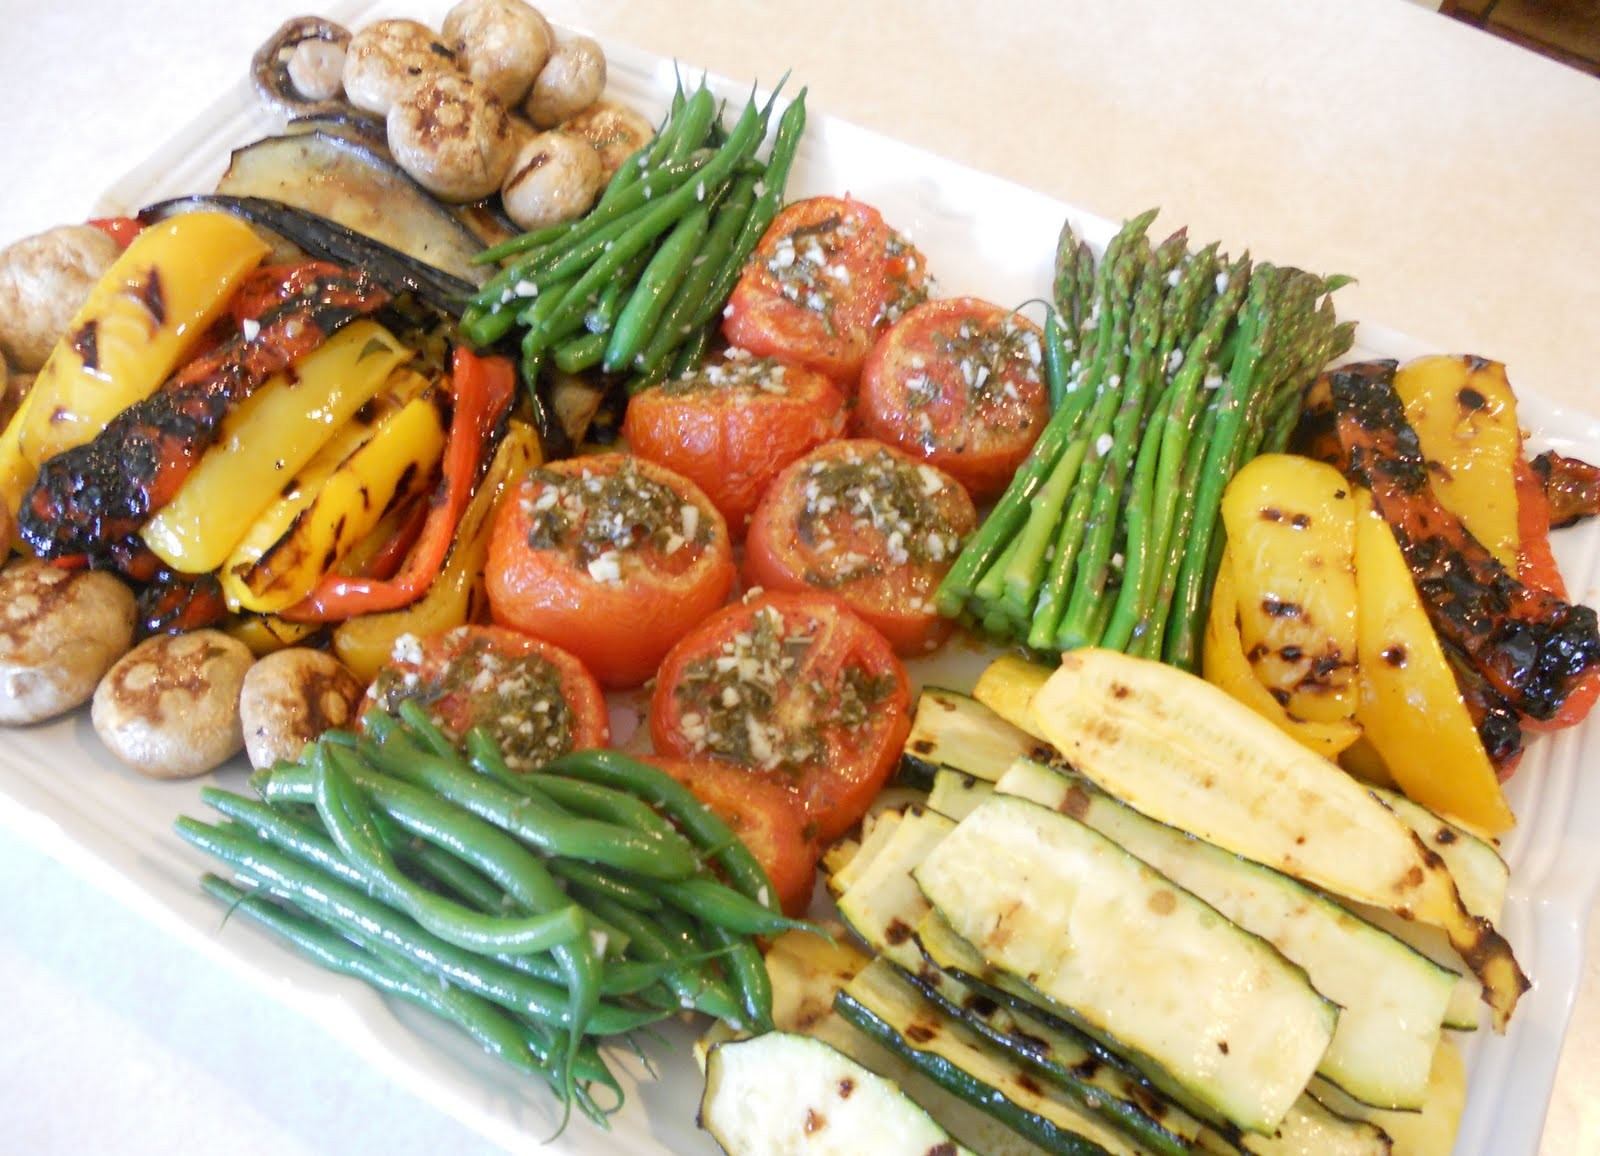 Grilled Vegetable Platter Fruits And Vegetables Platters Baskets Order Online Now